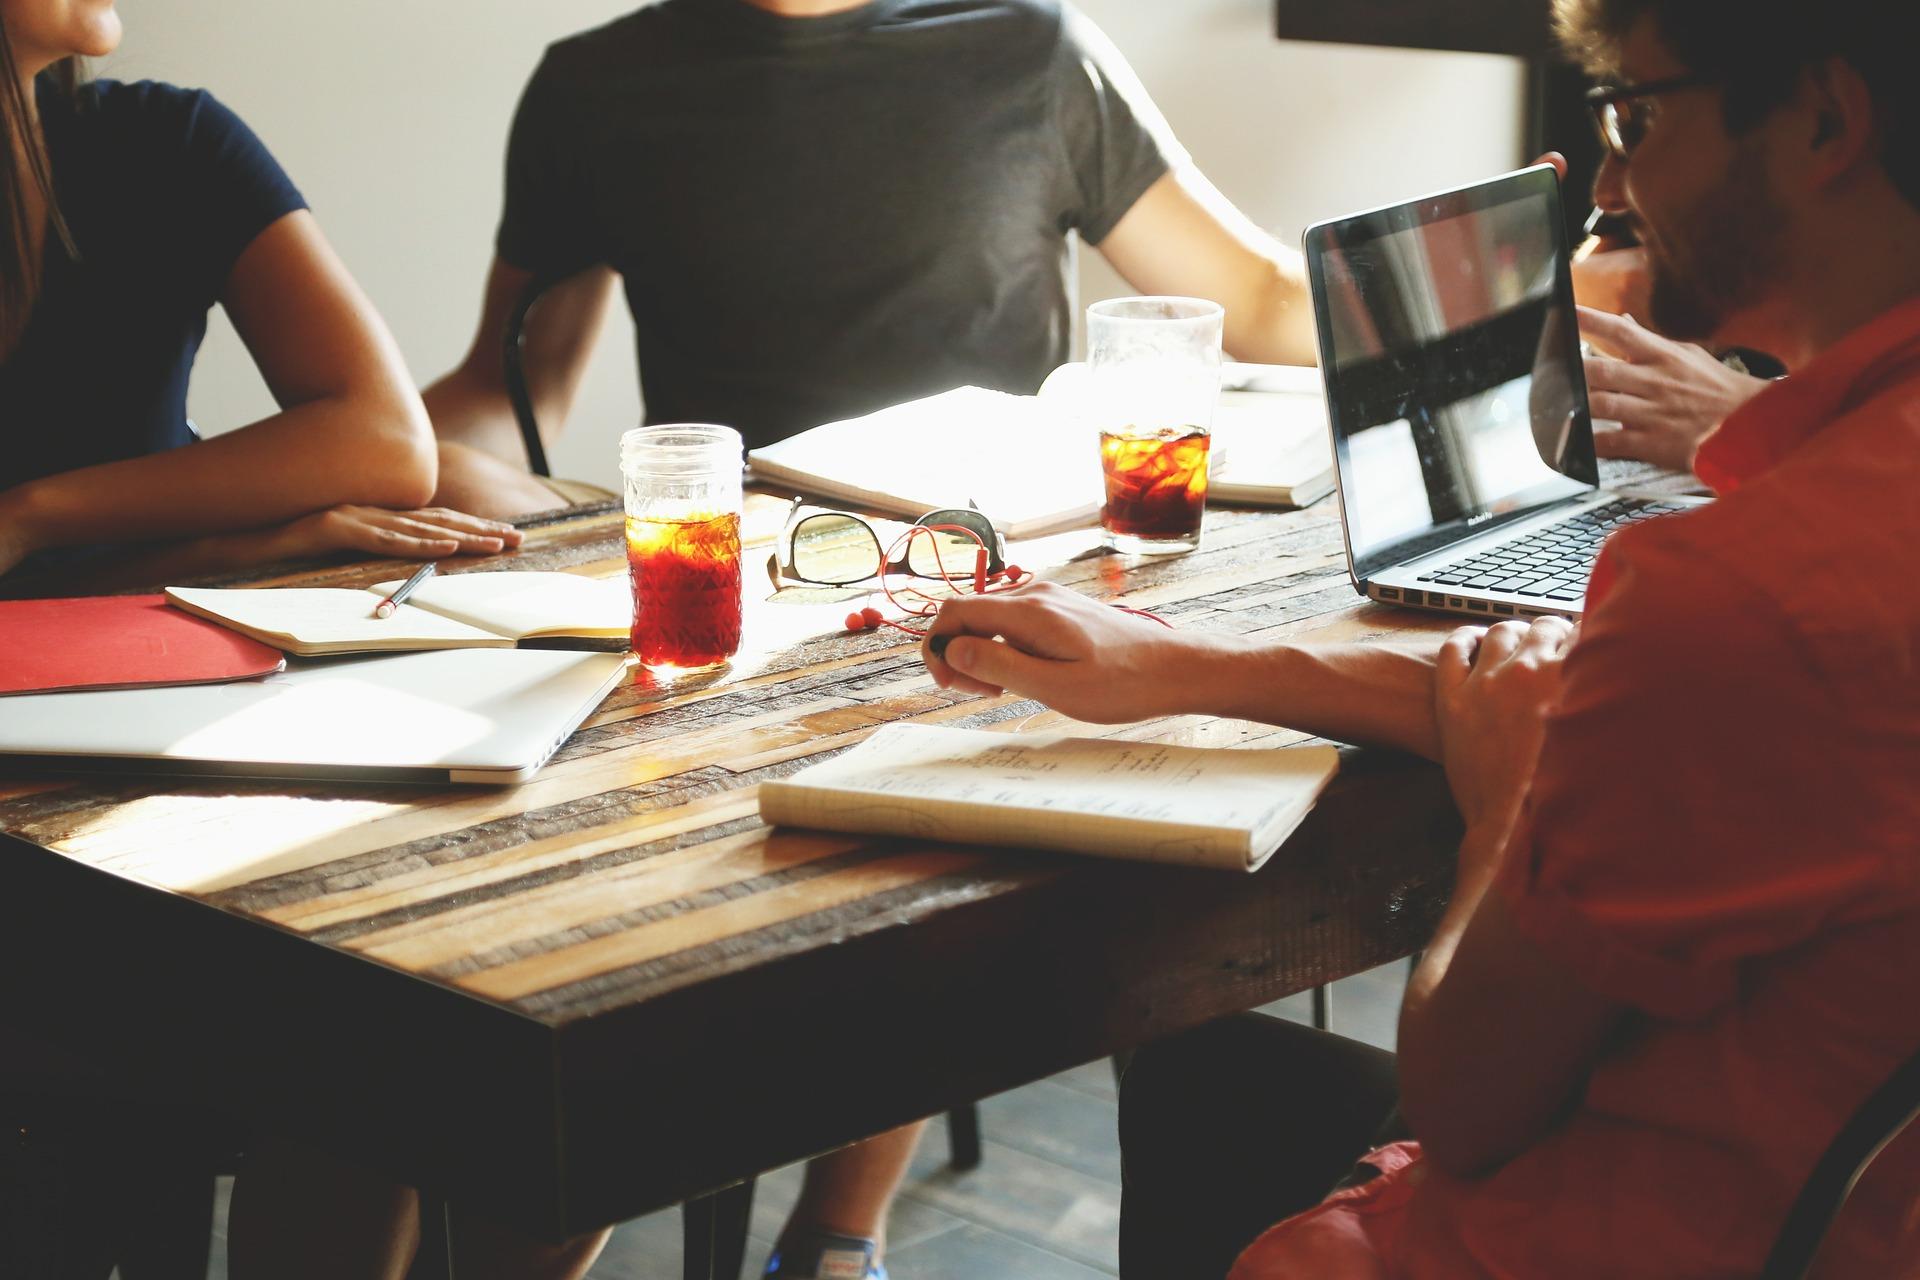 Las empresas demandan cada vez más habilidades informáticas en trabajos no relacionados …